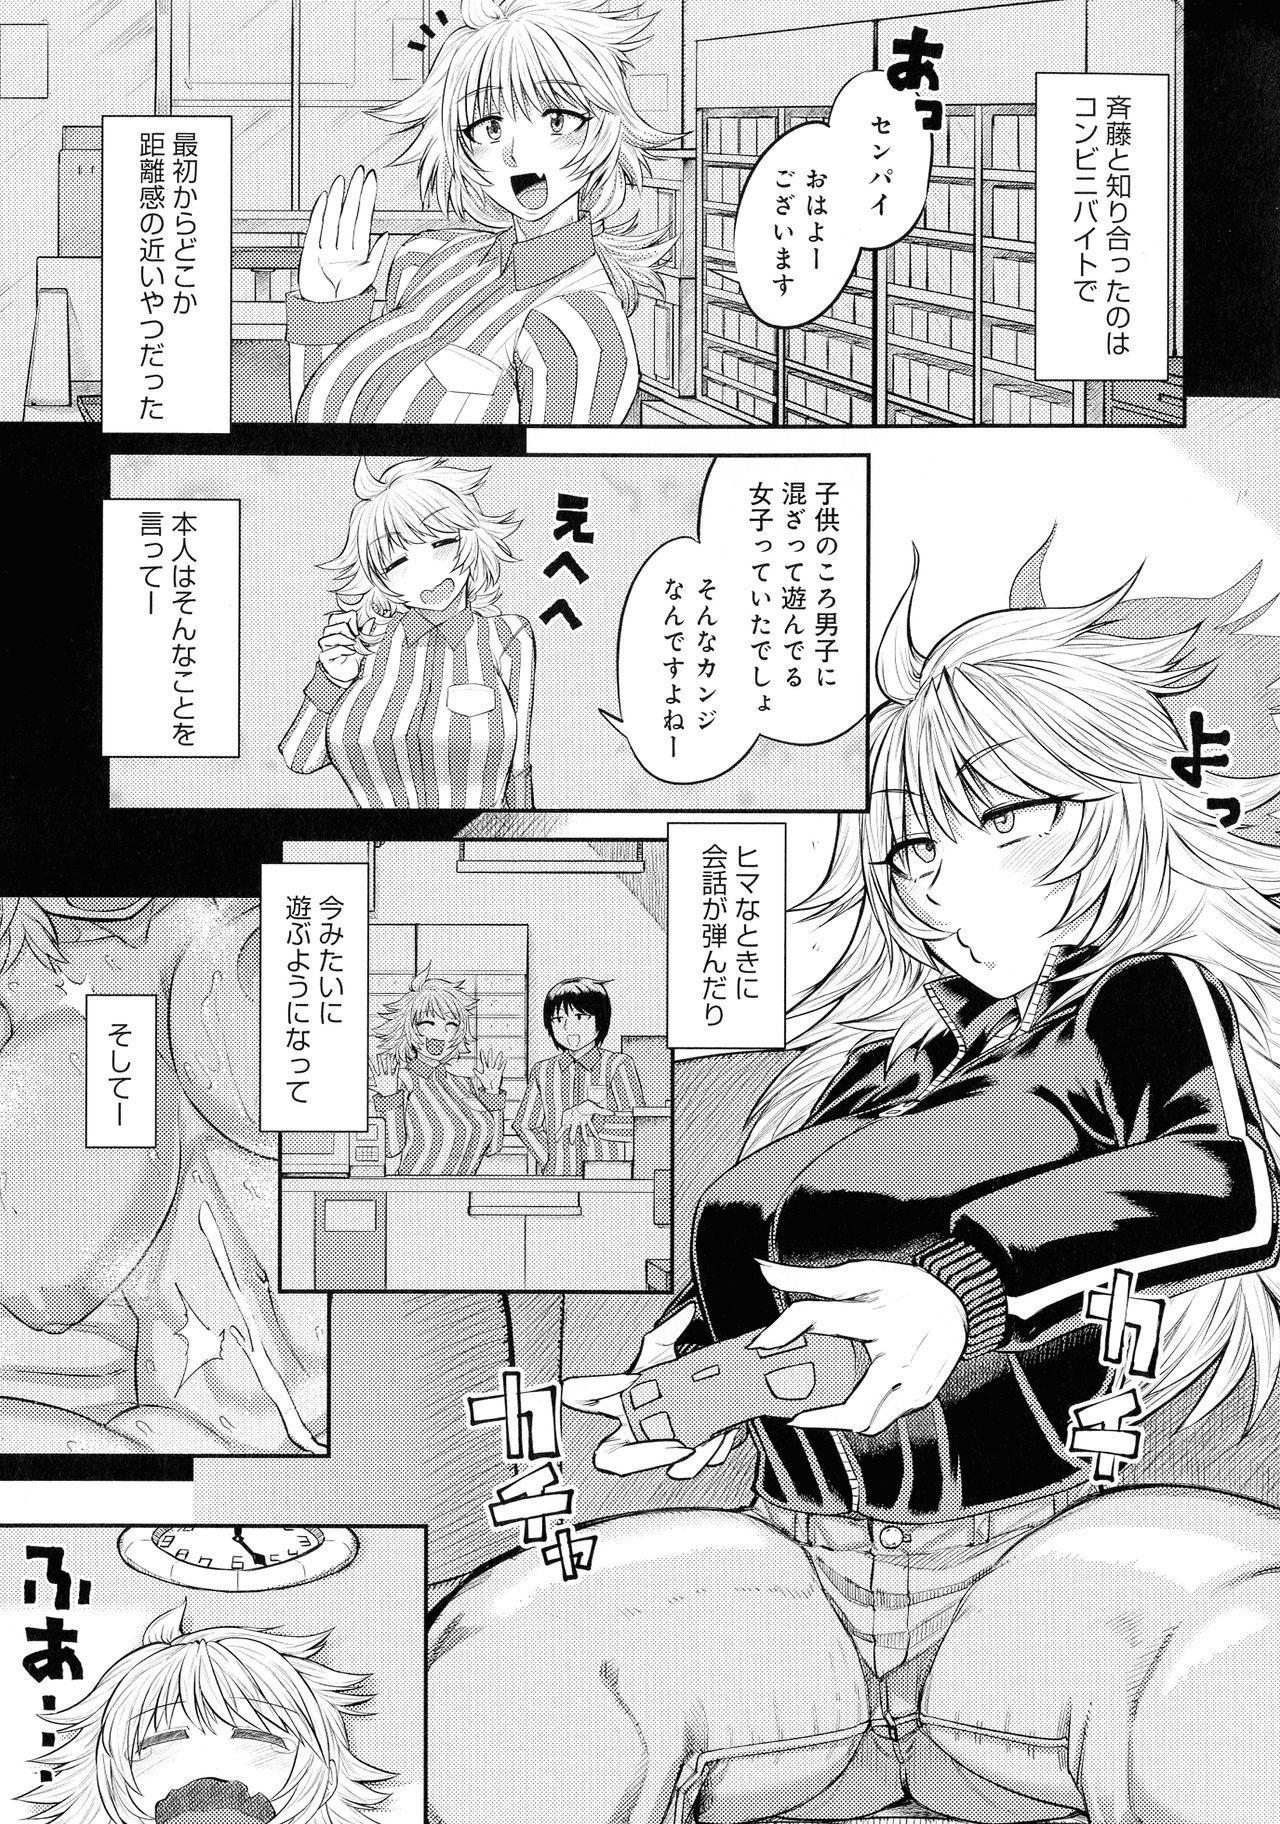 Mesudachi Anthology 60